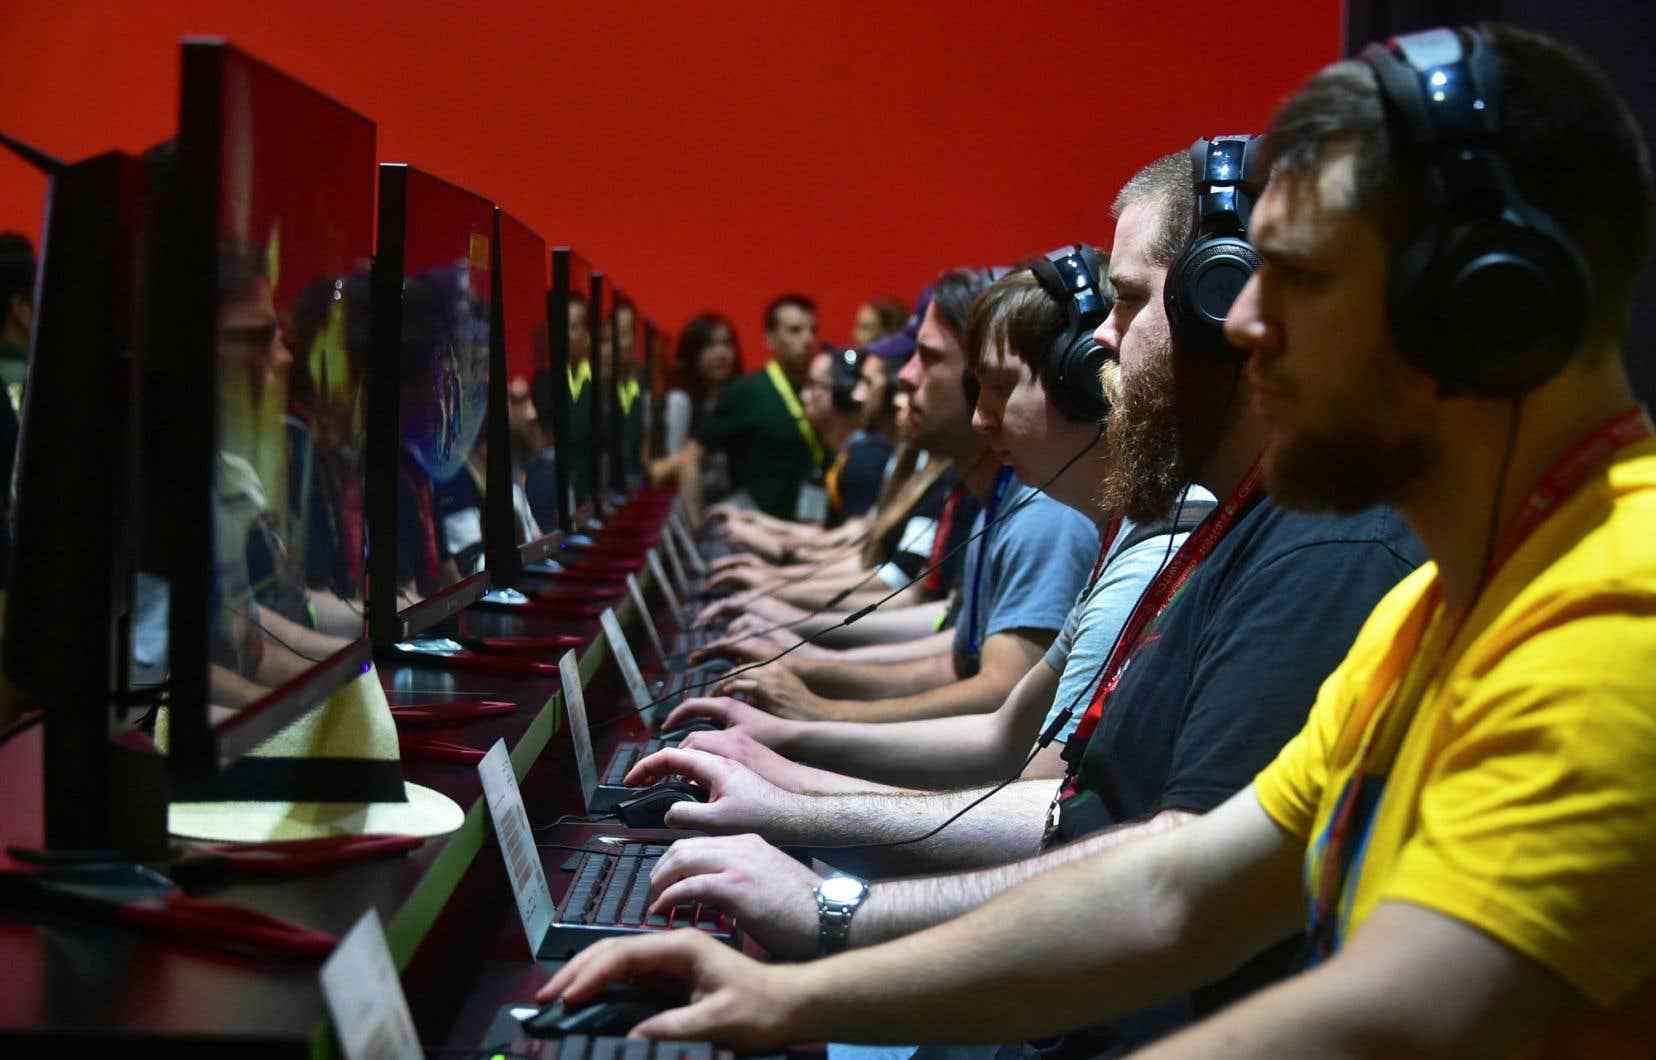 L'étude par neuro-imagerie a comparé les images des cerveaux de personnes qui jouent régulièrement à des jeux vidéo d'action avec celles de personnes qui n'y jouent pas.